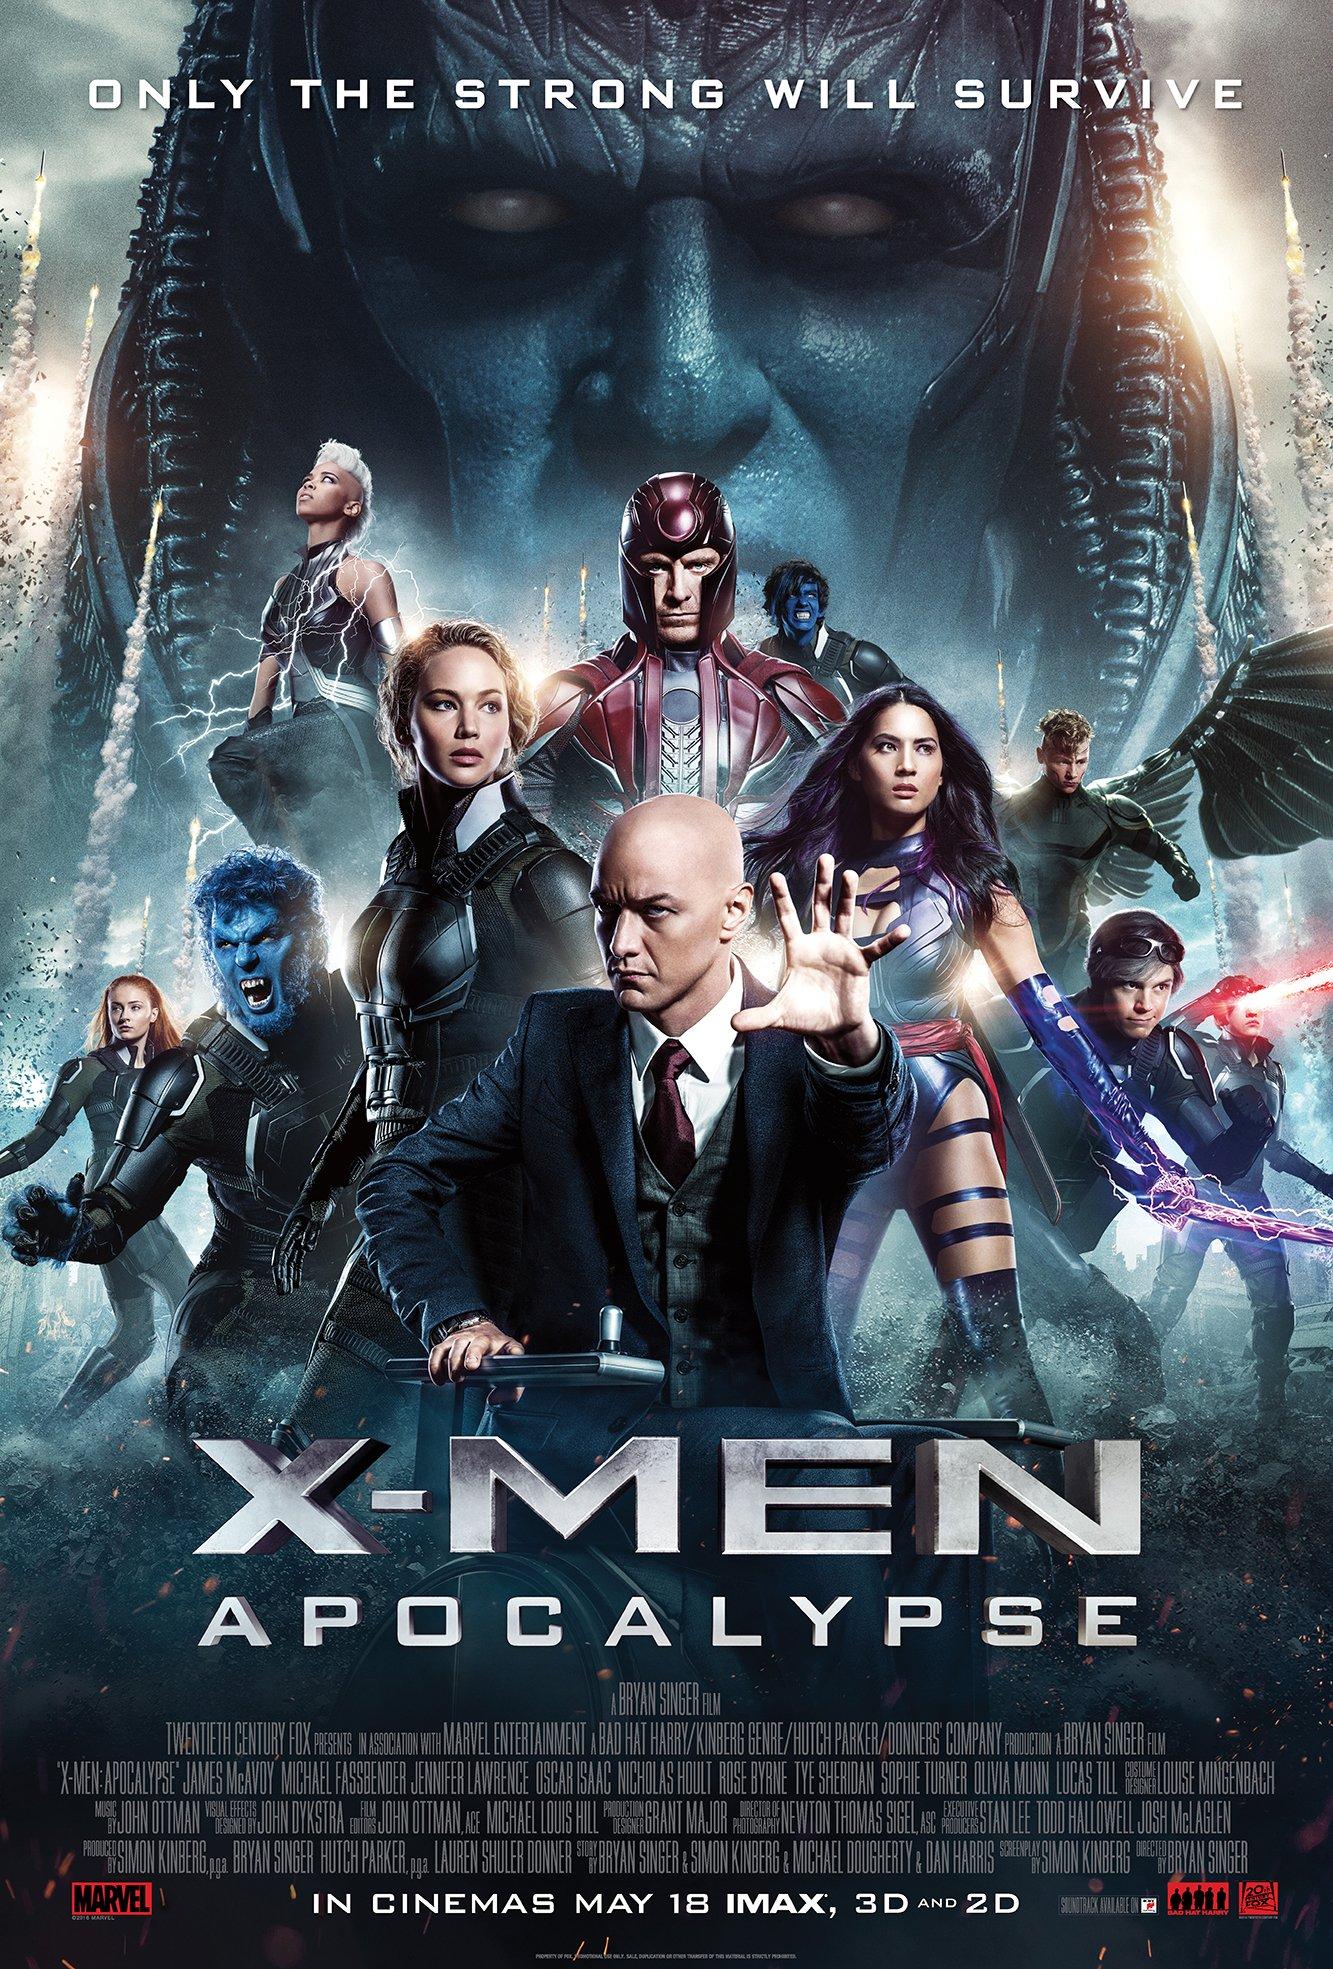 New X-Men: Apocalypse Poster Revealed 1